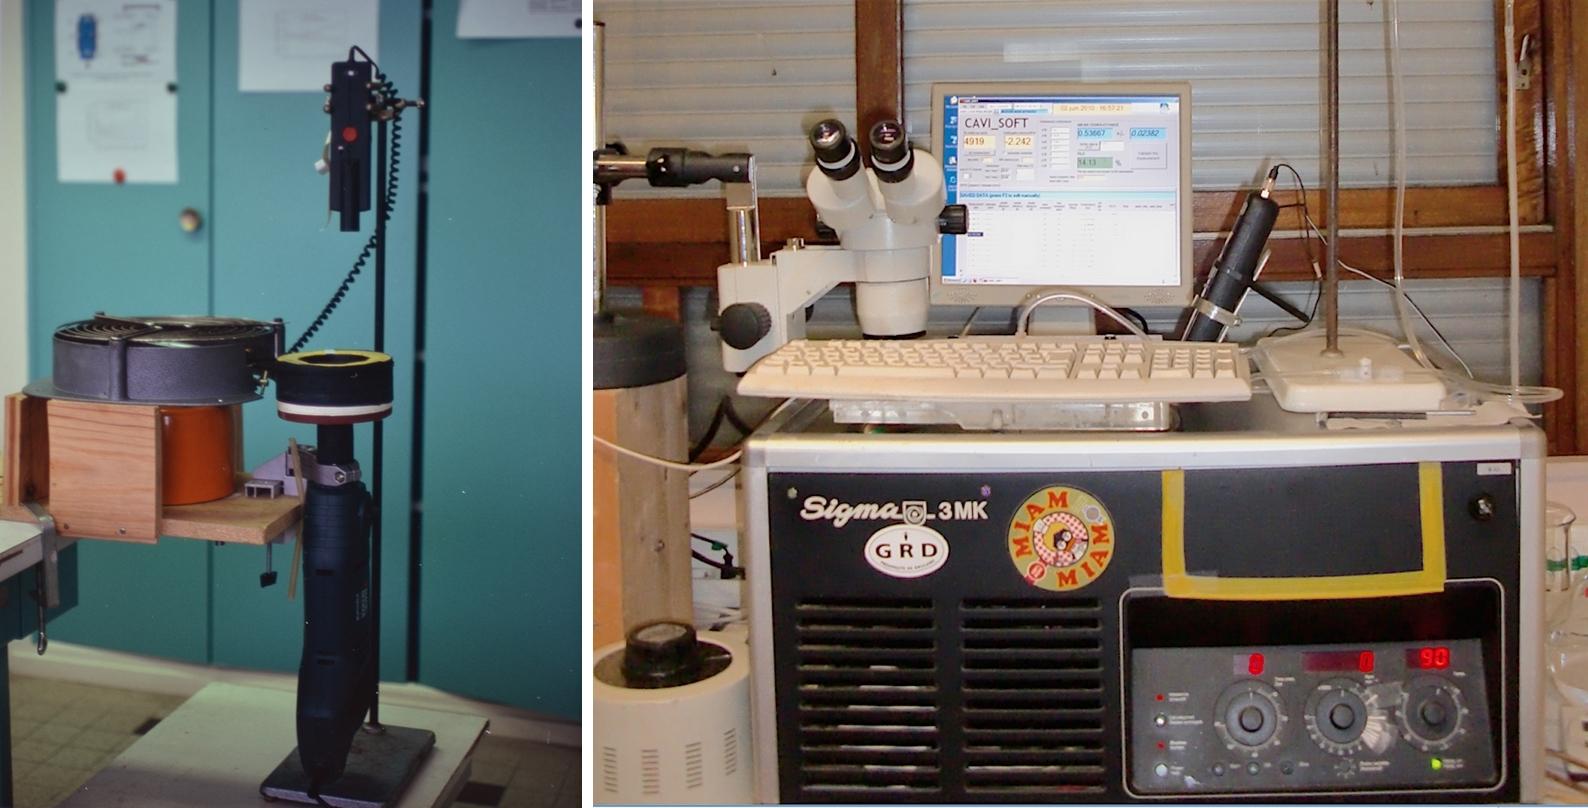 """Figure 1. A gauche le premier prototype de Cavitron issu des laboratoires de l'INRA de Clermont-Ferrand (© H. Cochard). A droite, le premier Cavitron """"sécurisé"""" développé à partir d'une centrifugeuse à l'INRA de Bordeaux - © S. Delzon)."""